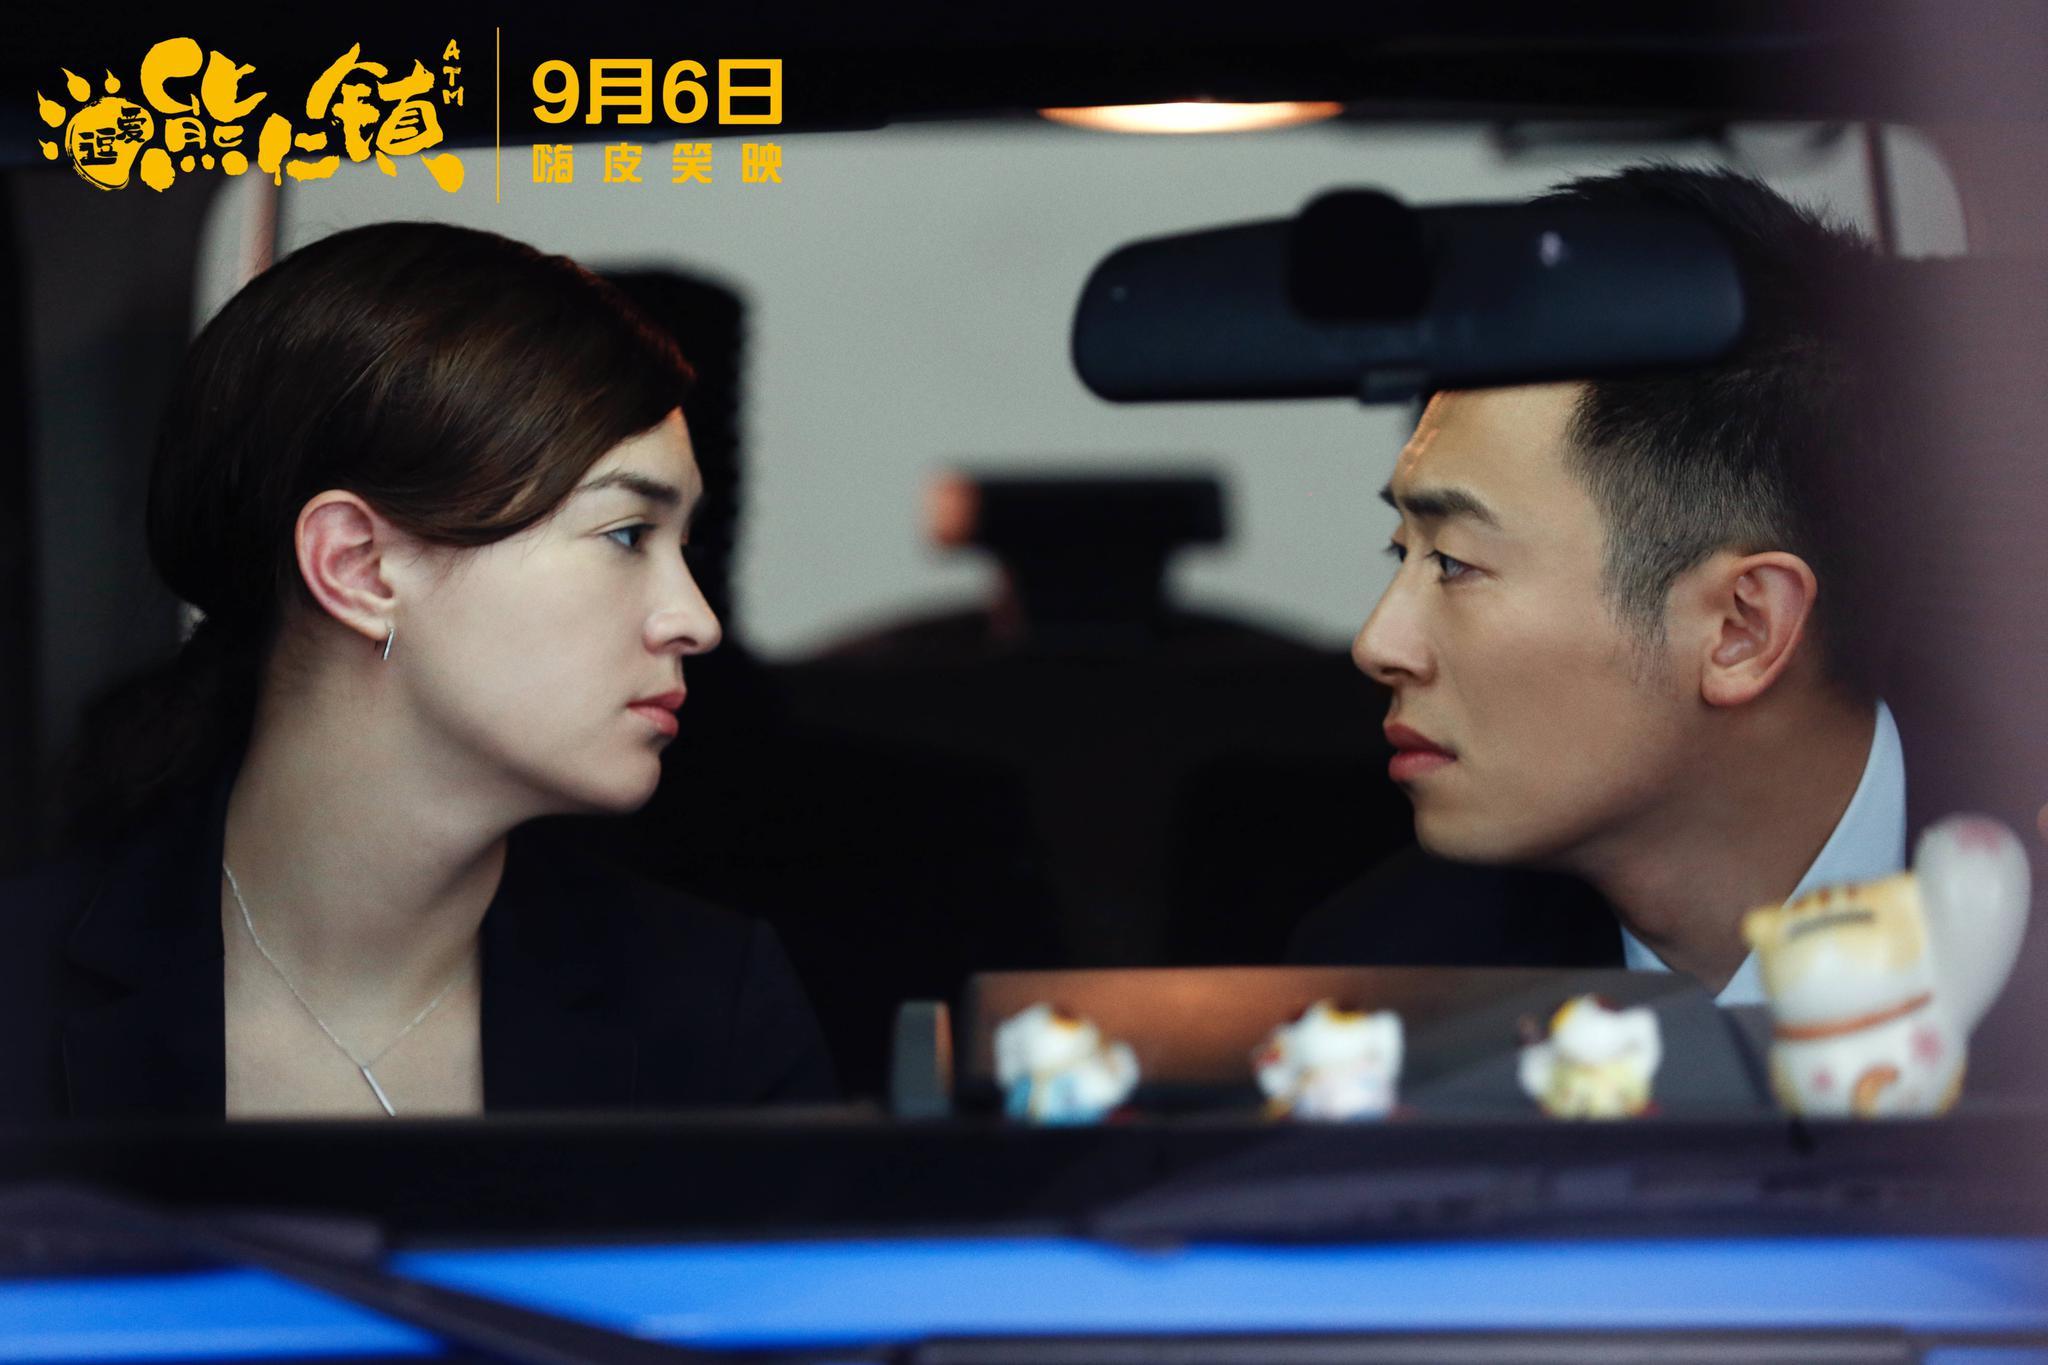 朱亚文张榕容《逗爱熊仁镇》发布新预告 相爱相杀Battle不断